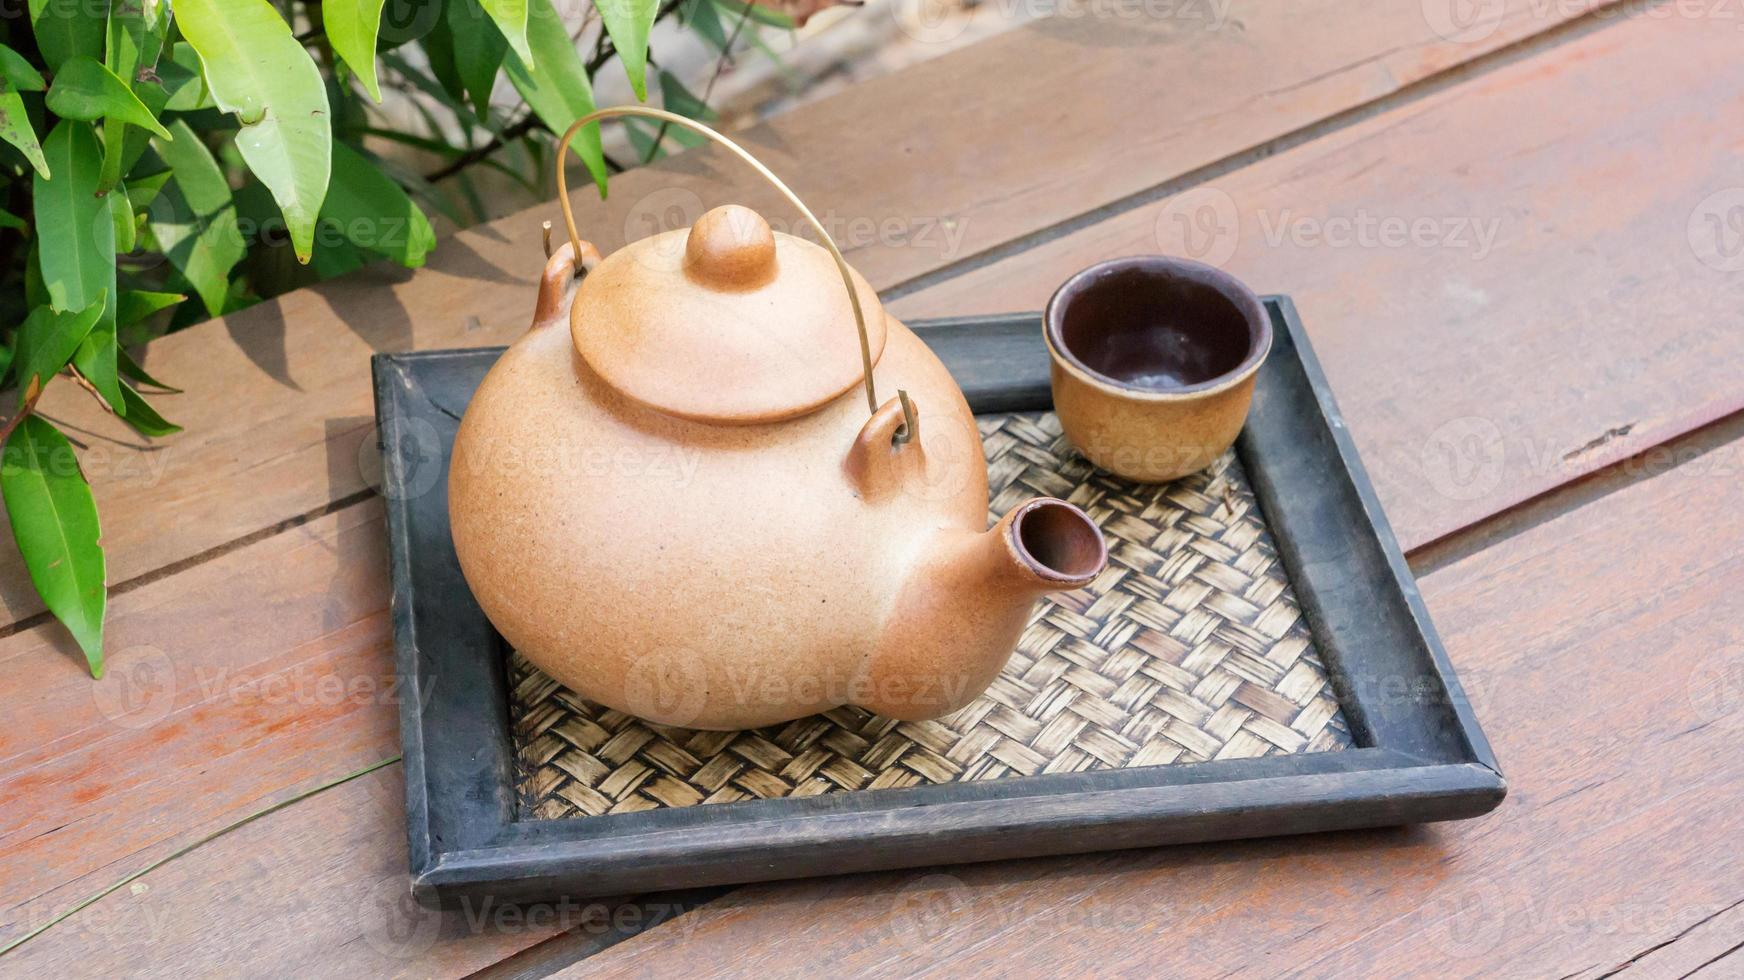 classico set da tè asiatico all'aperto foto